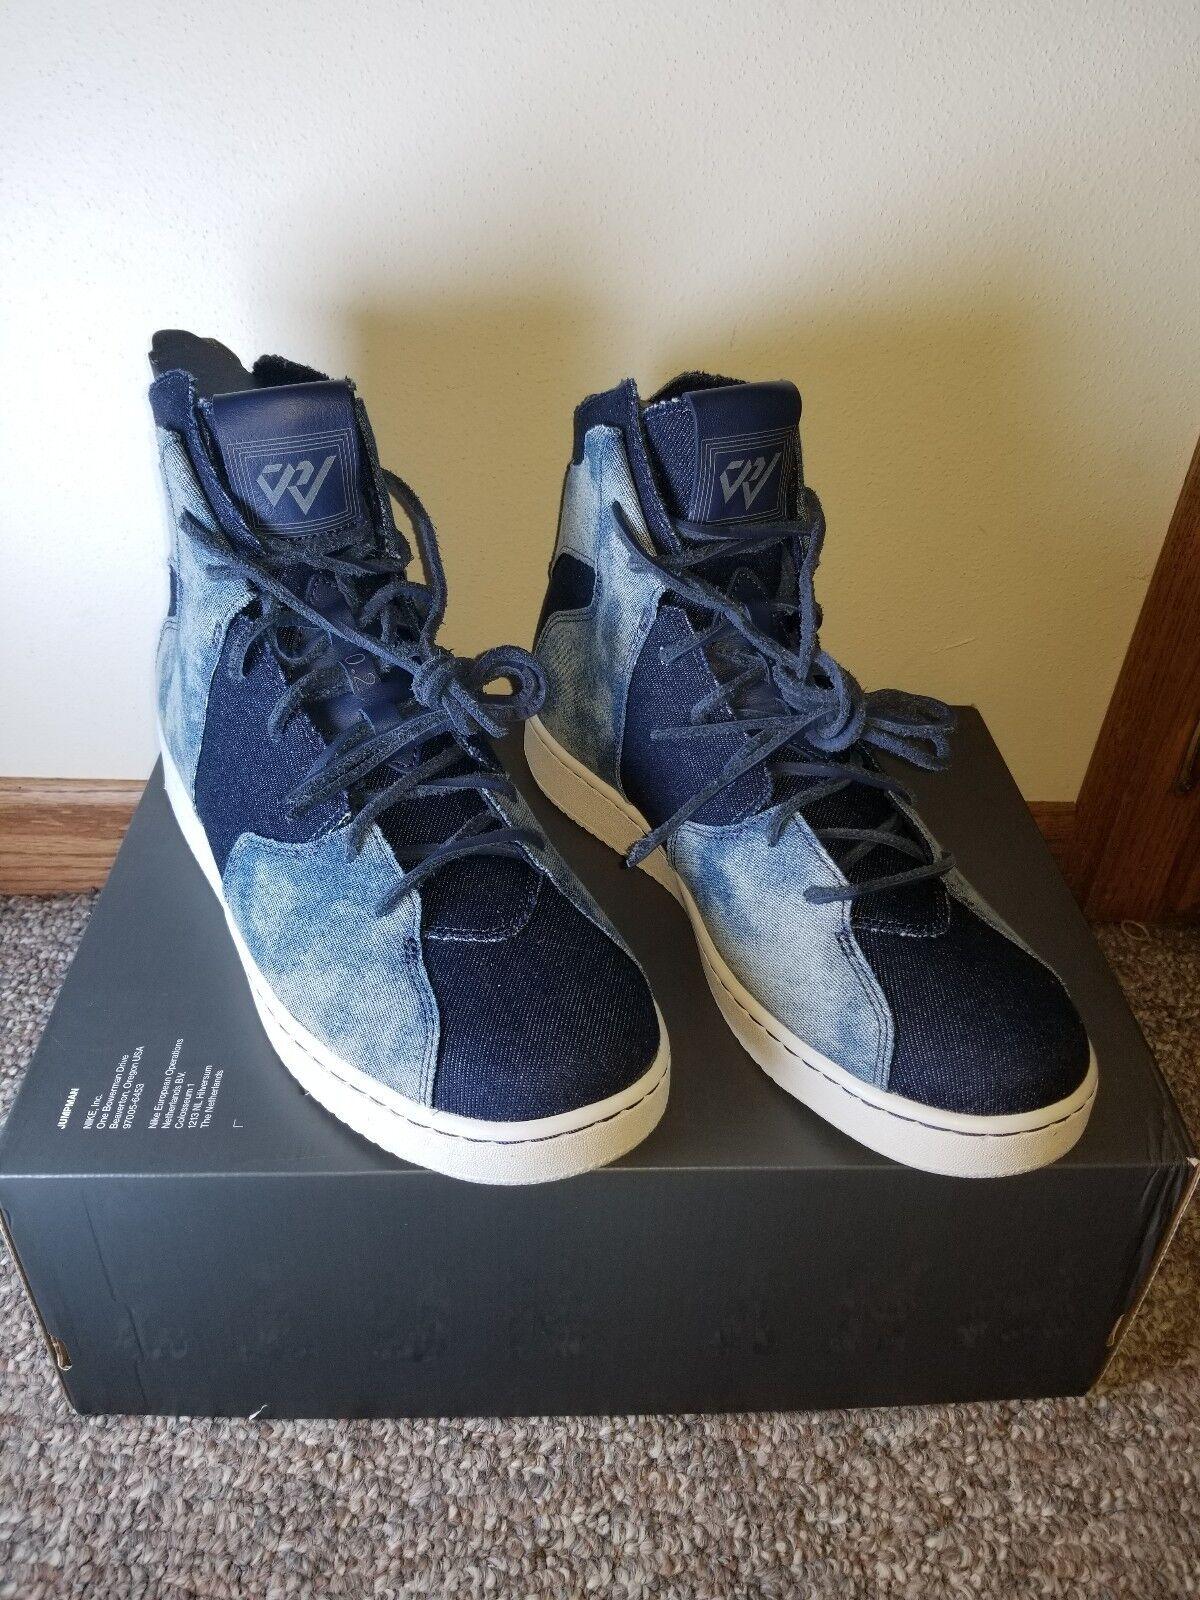 Uomo numero scarpe 10 jordan westbrook 0,2 scarpe numero col jeans scarpe 854563 406 a1d2a6